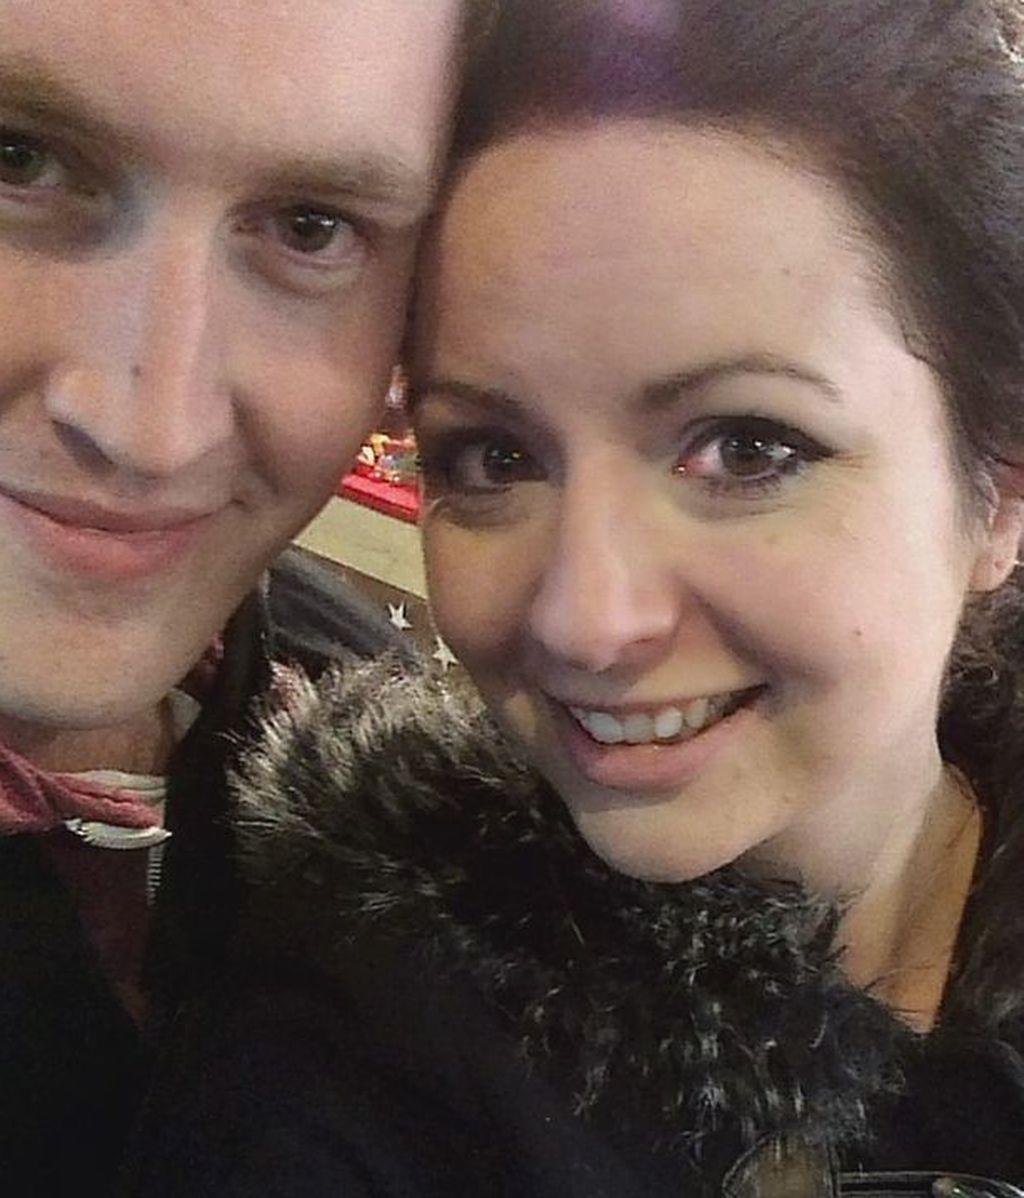 Jay y Helen estuvieron juntos durante 6 años